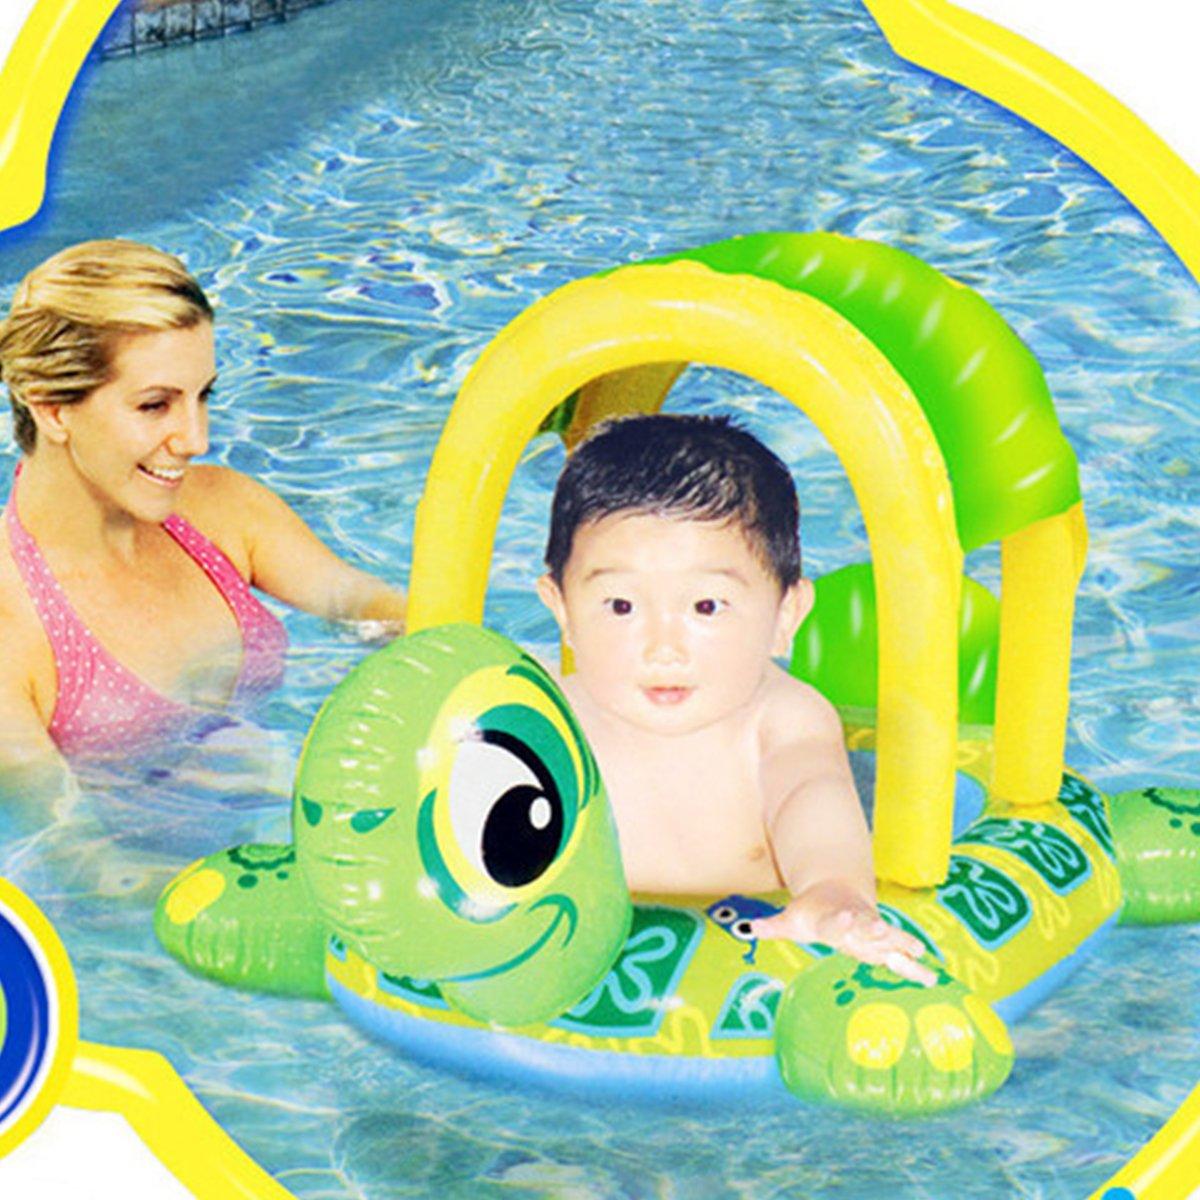 UClever Flotador Tortuga para Bebé con Techo Juguete y Asiento de Piscina de Desarrollo de Nata Natación en Agua para Niño: Amazon.es: Juguetes y juegos